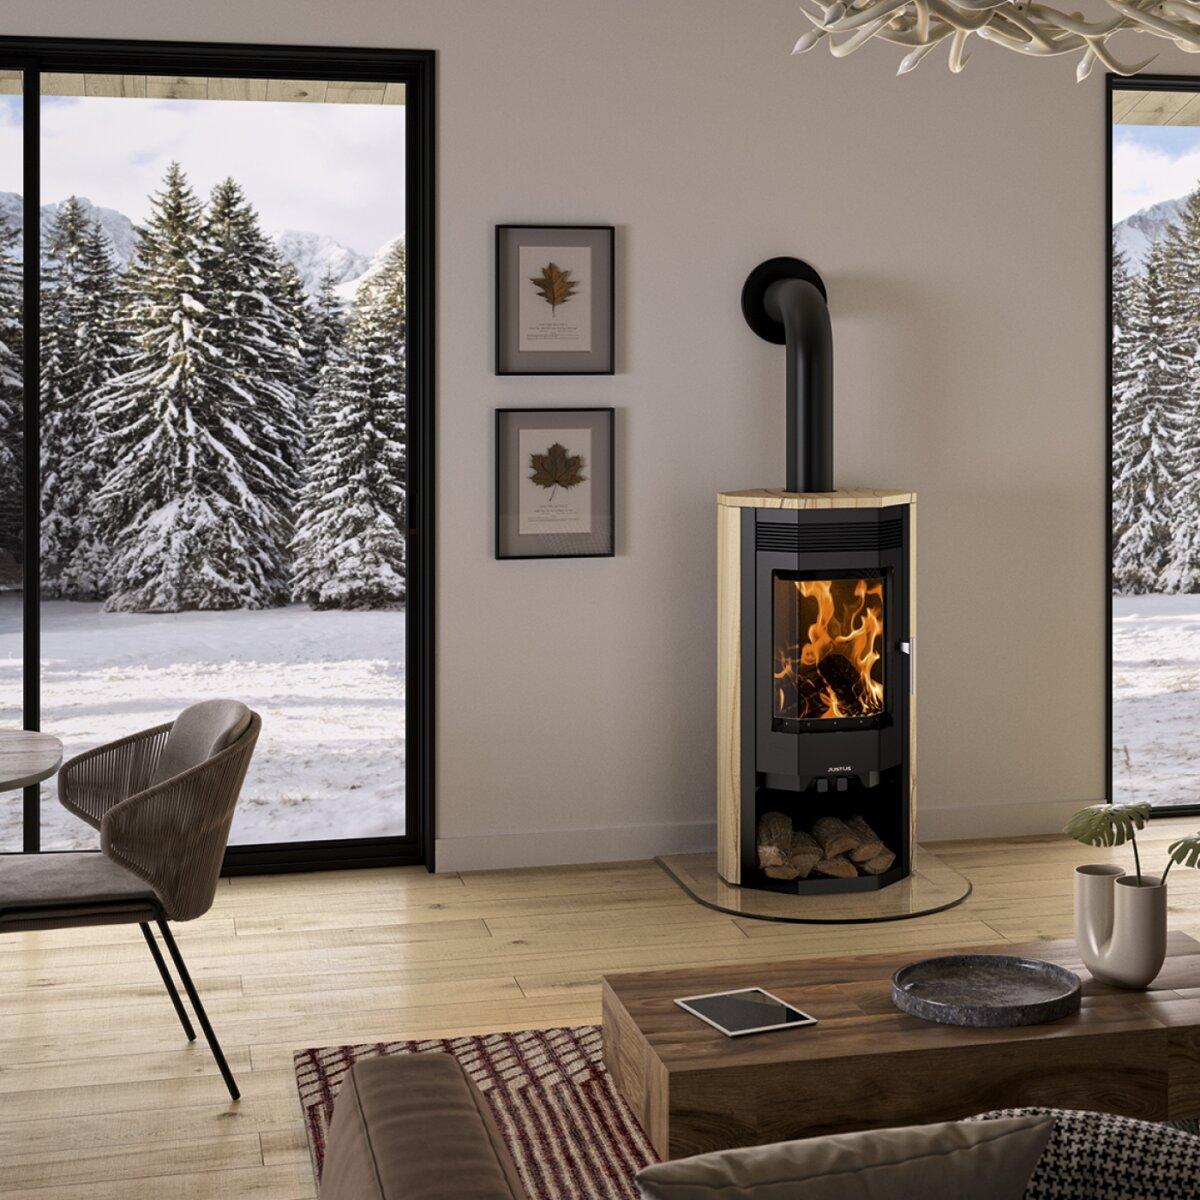 kaminofen justus usedom 7 7 kw 969 00 von justus mit beratung g nstig online kaufen. Black Bedroom Furniture Sets. Home Design Ideas